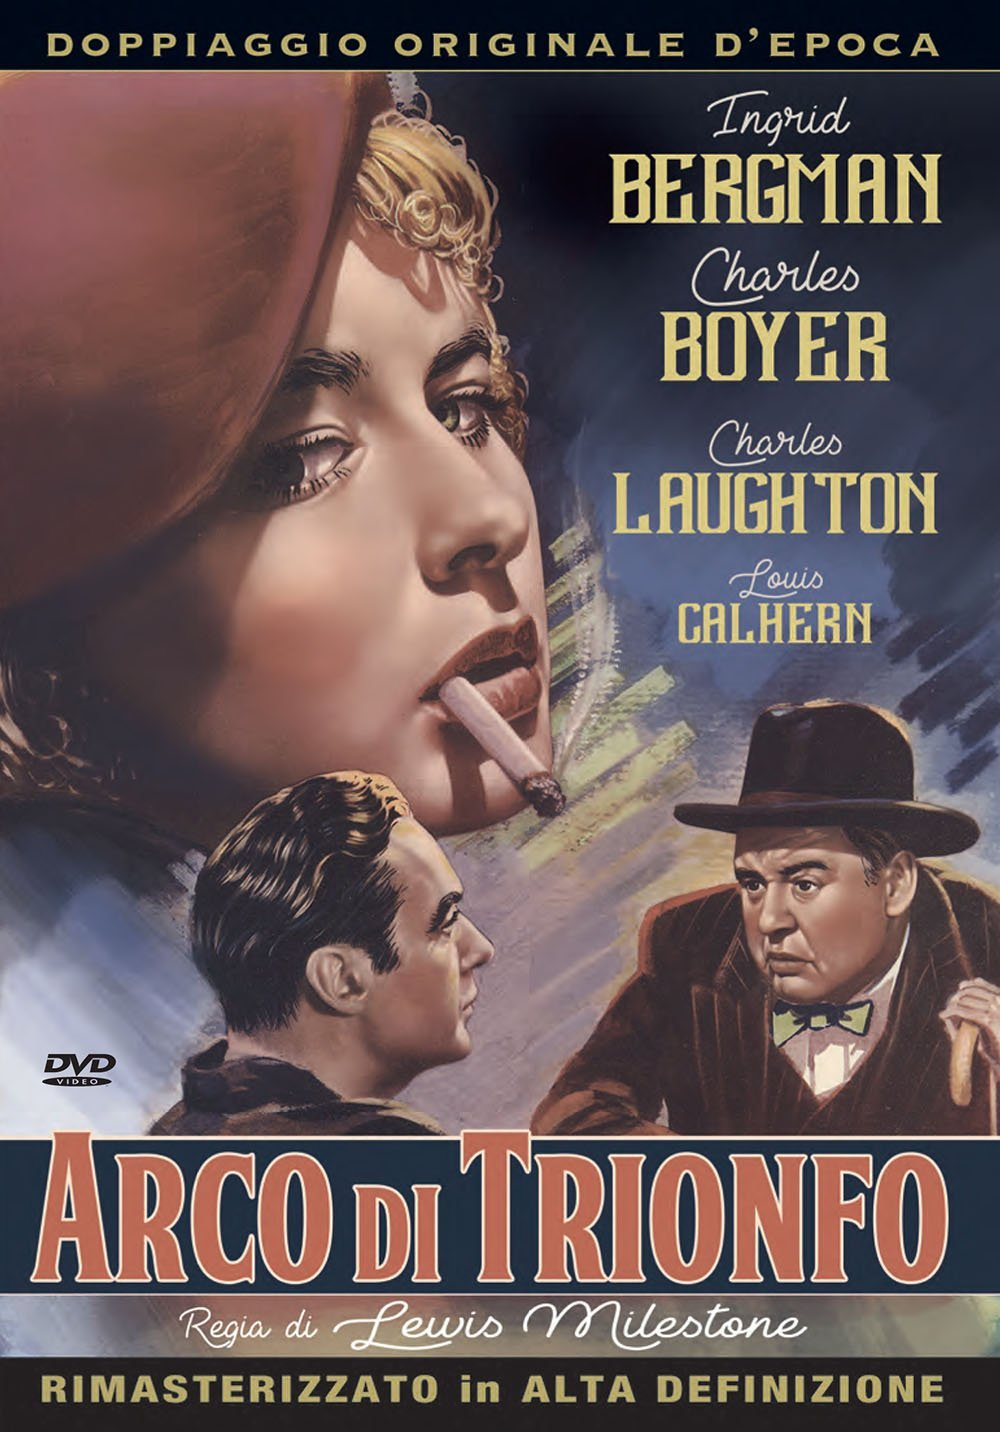 ARCO DI TRIONFO (DVD)